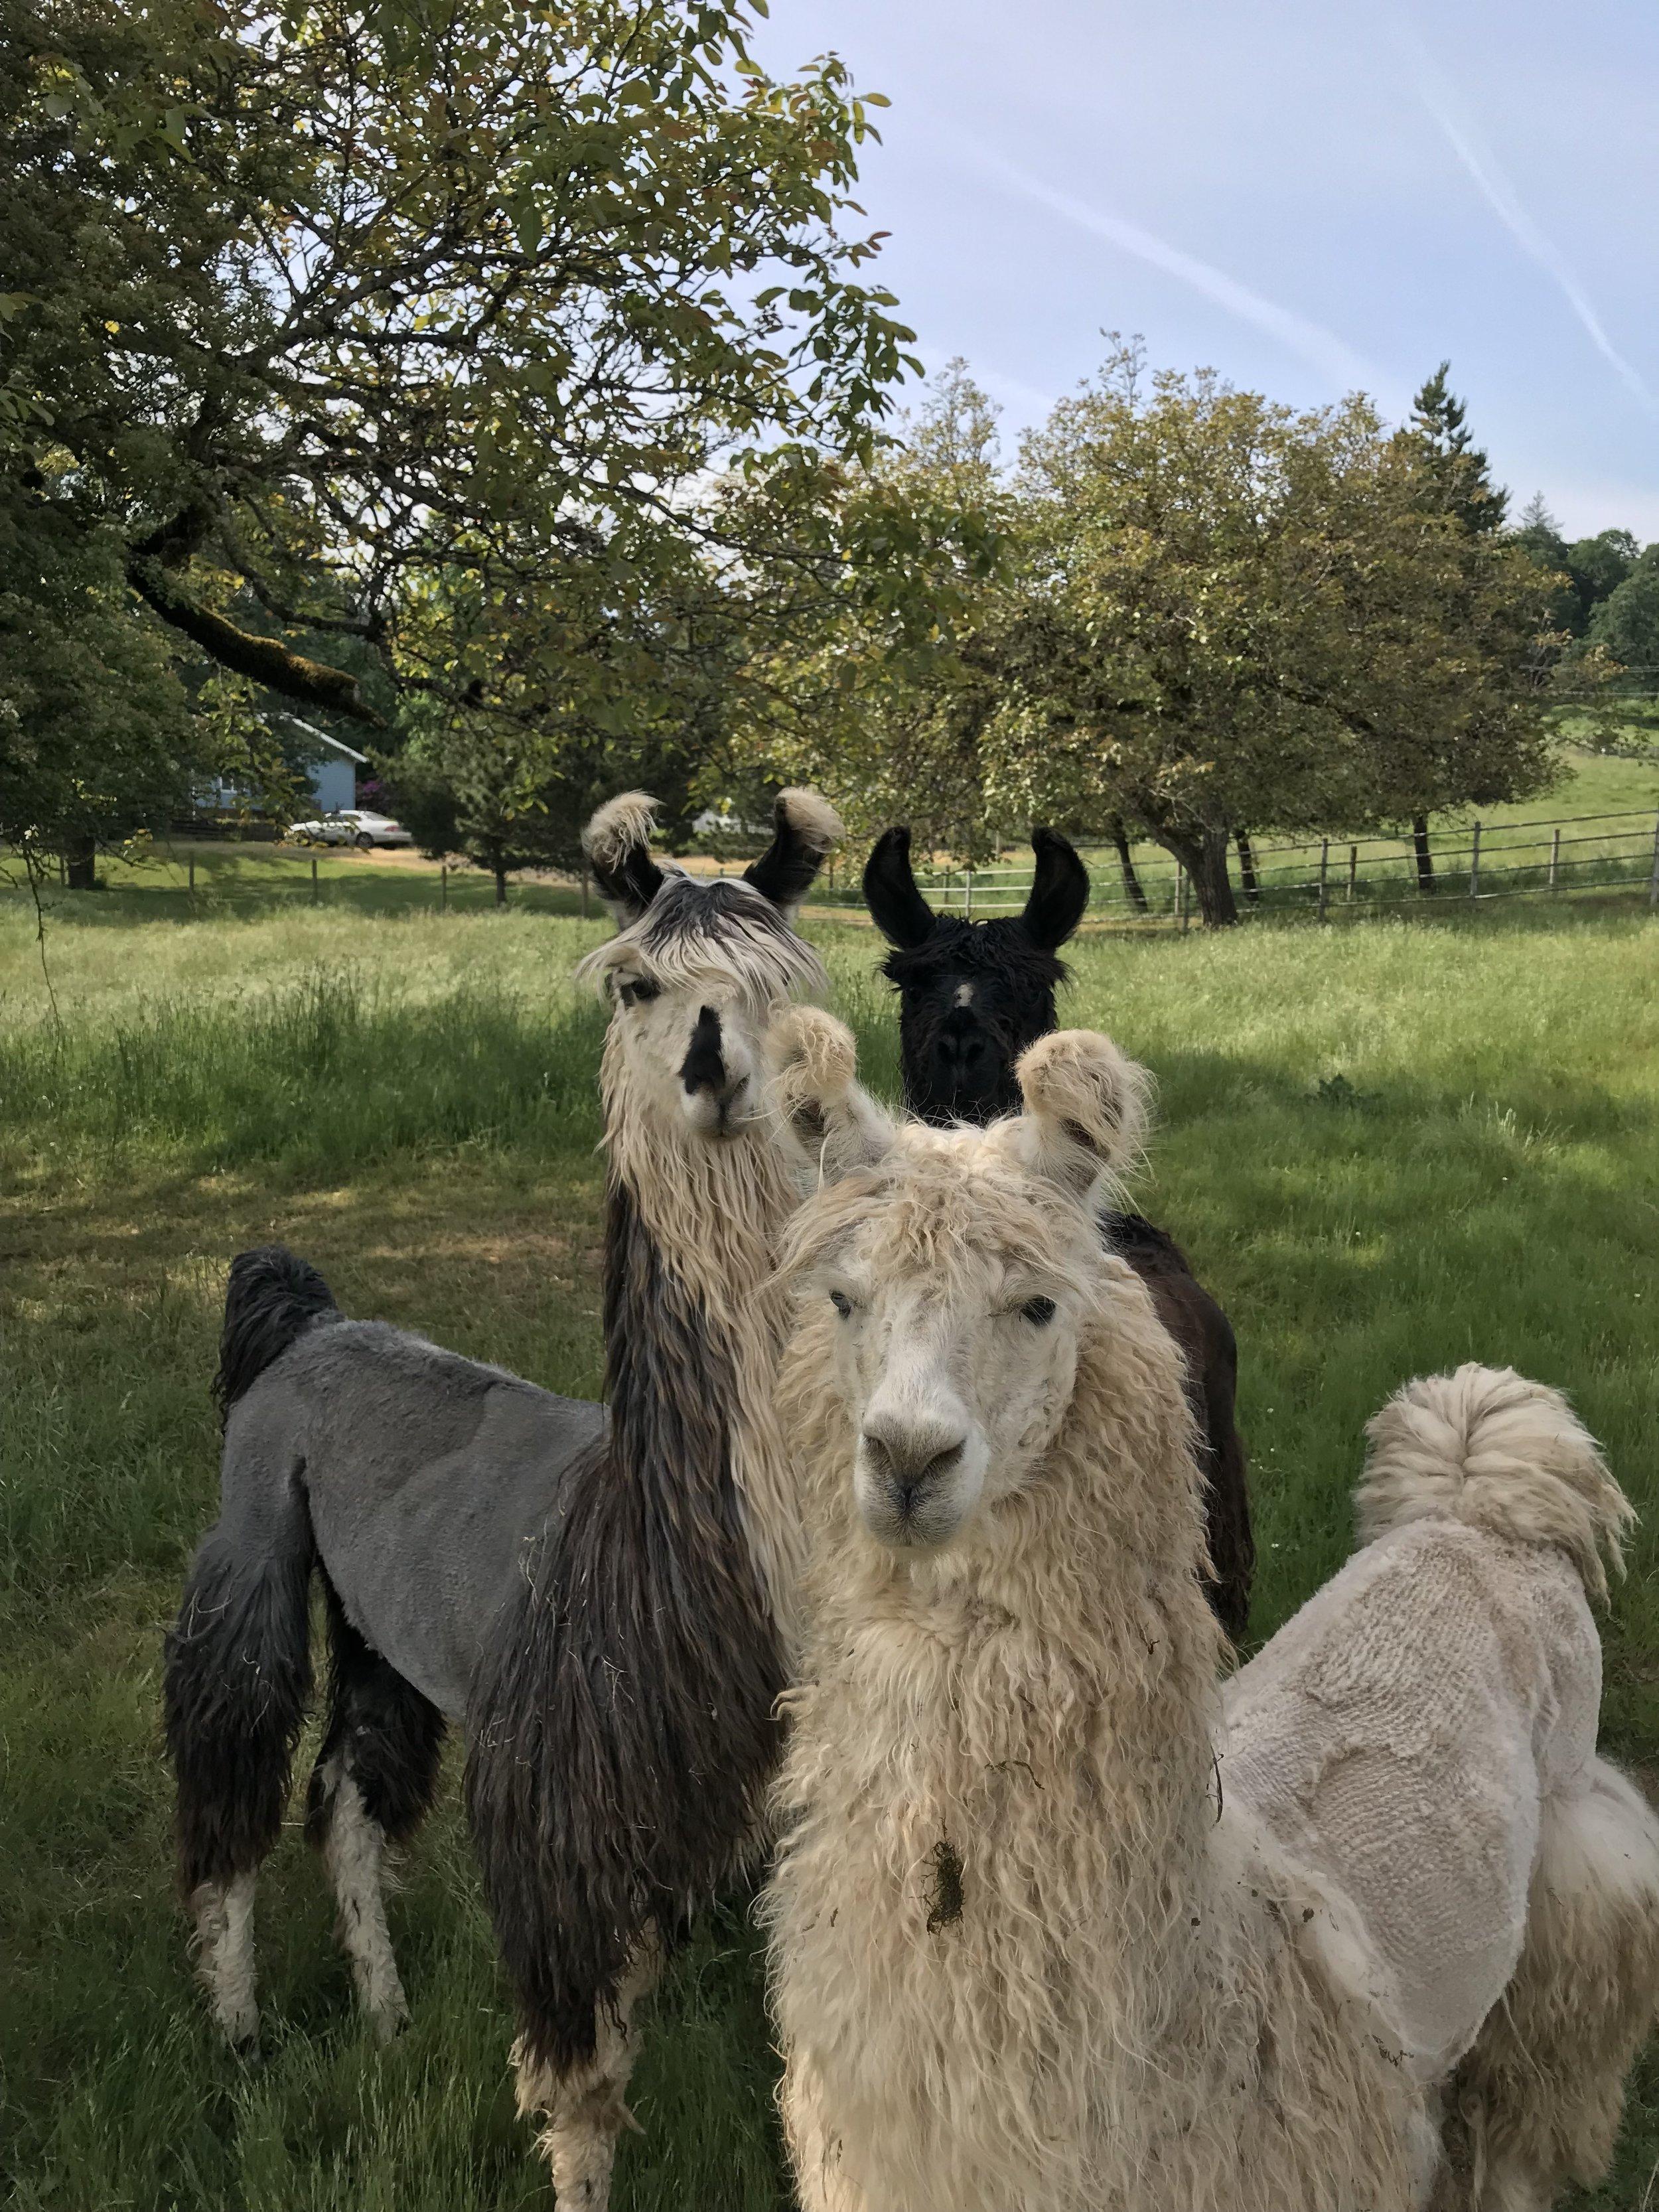 Llama farm in oregon.jpg